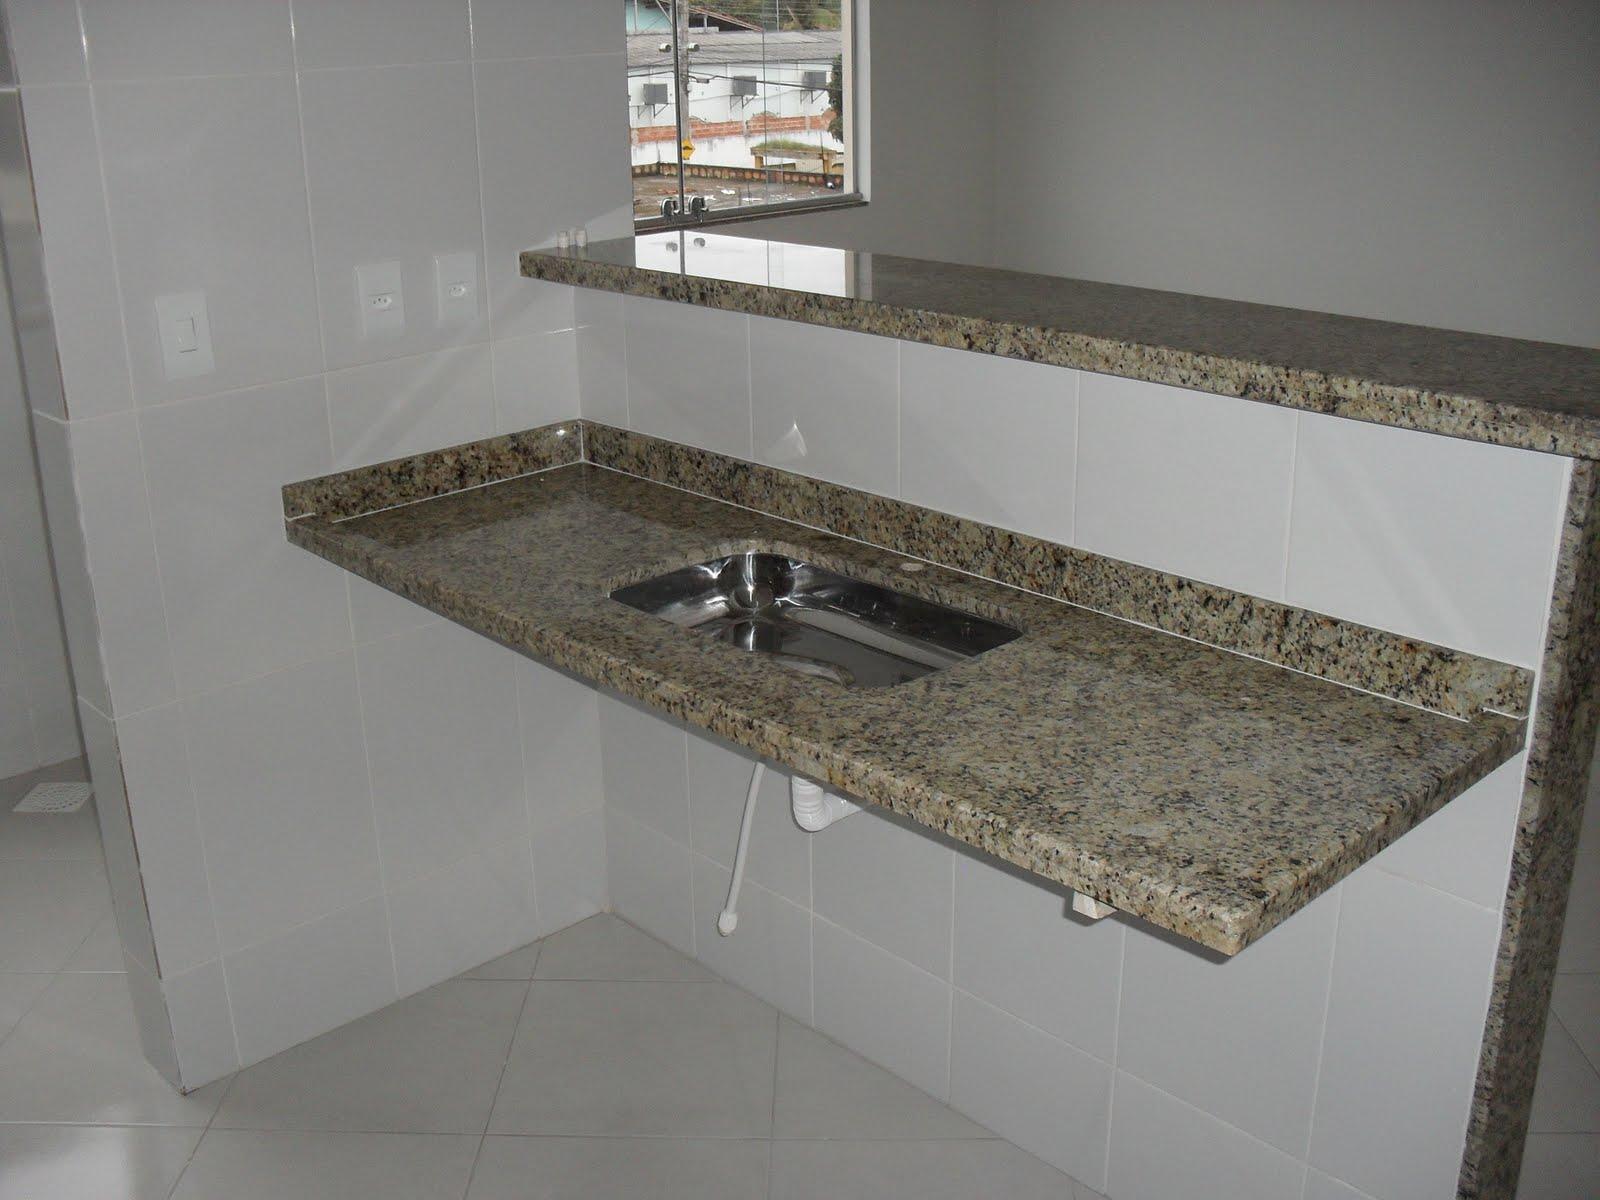 para Banheiro de Granito 71 8666 8999: Pias e Lavatórios de Granito  #7E614D 1600 1200